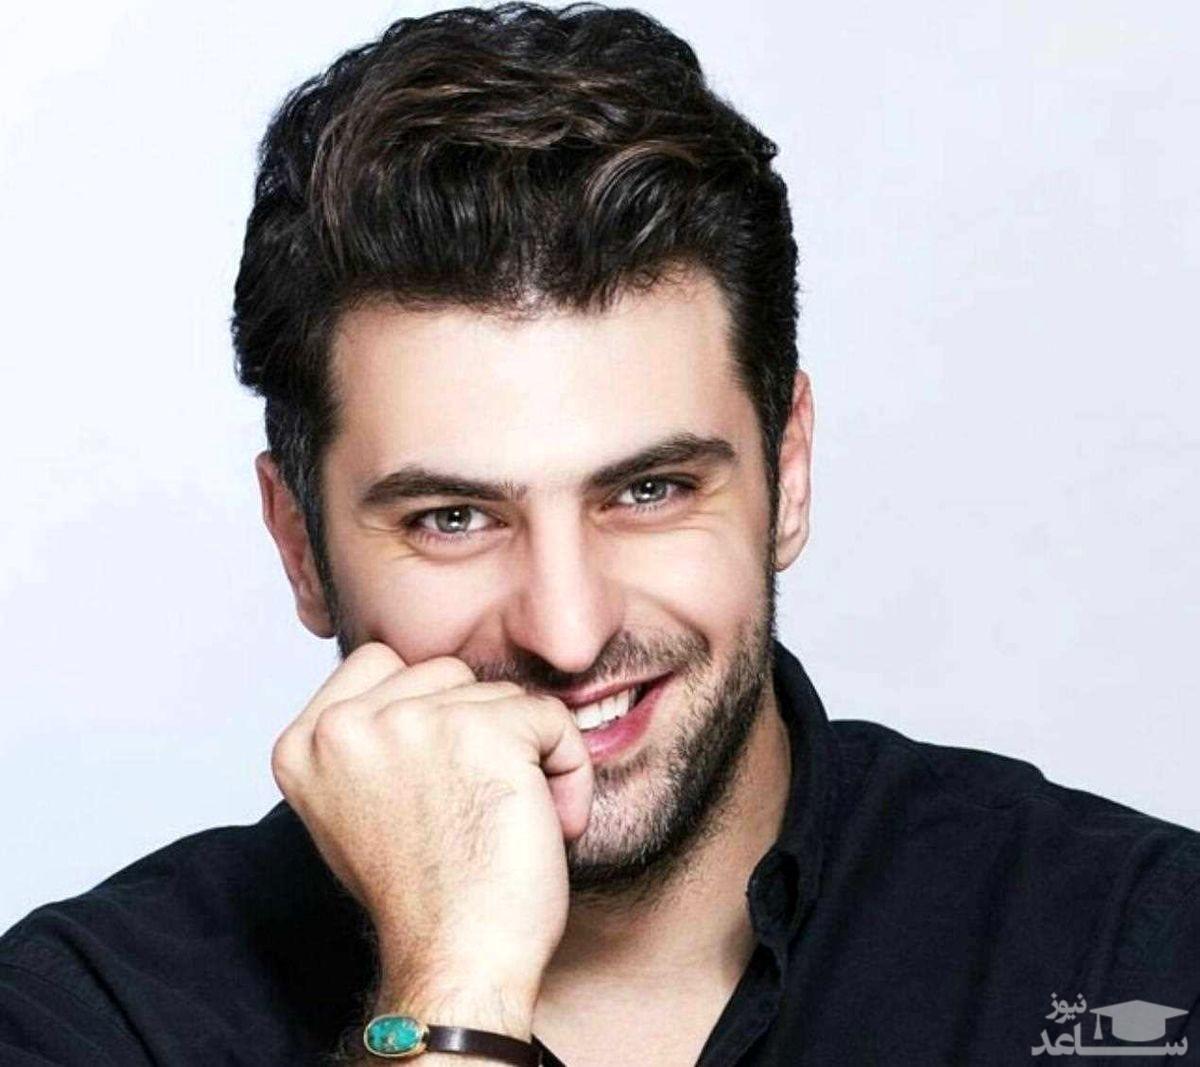 ظاهر جدید علی ضیا